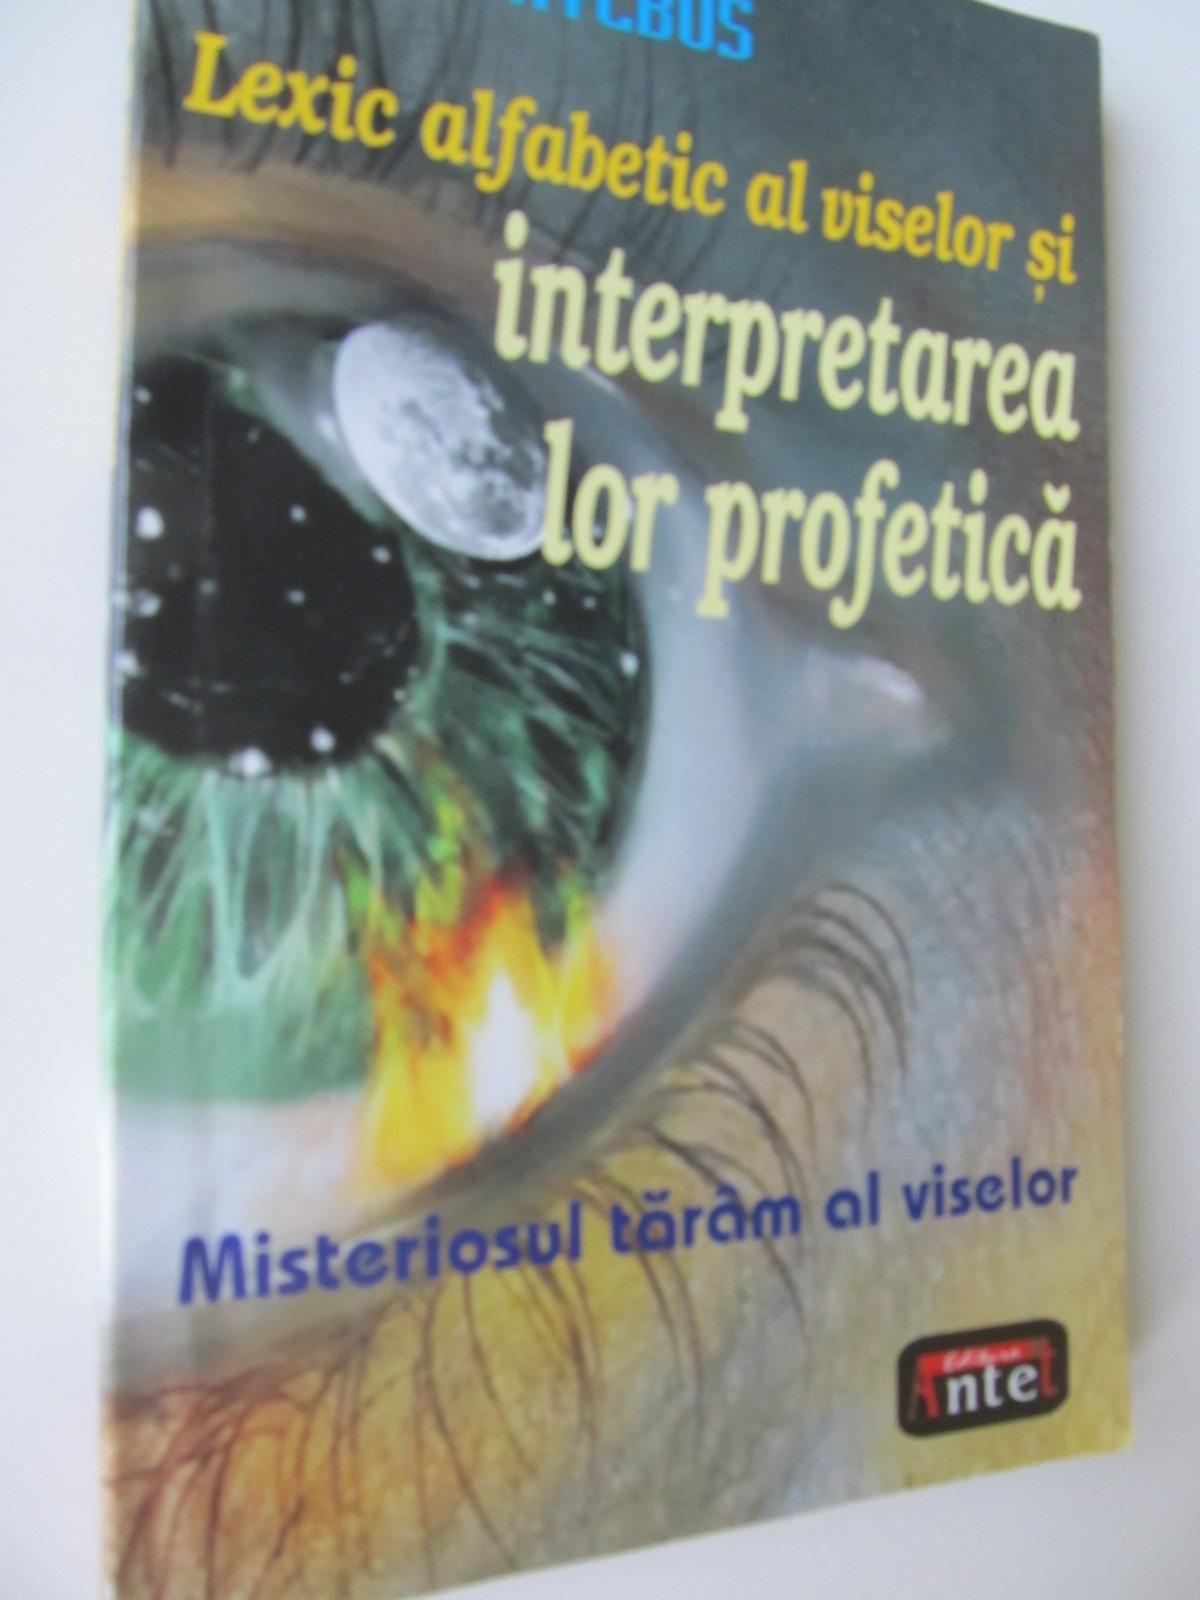 Misteriosul taram al viselor - Lexic alfabetic al viselor si interpretarea lor profetica - Thylbus | Detalii carte